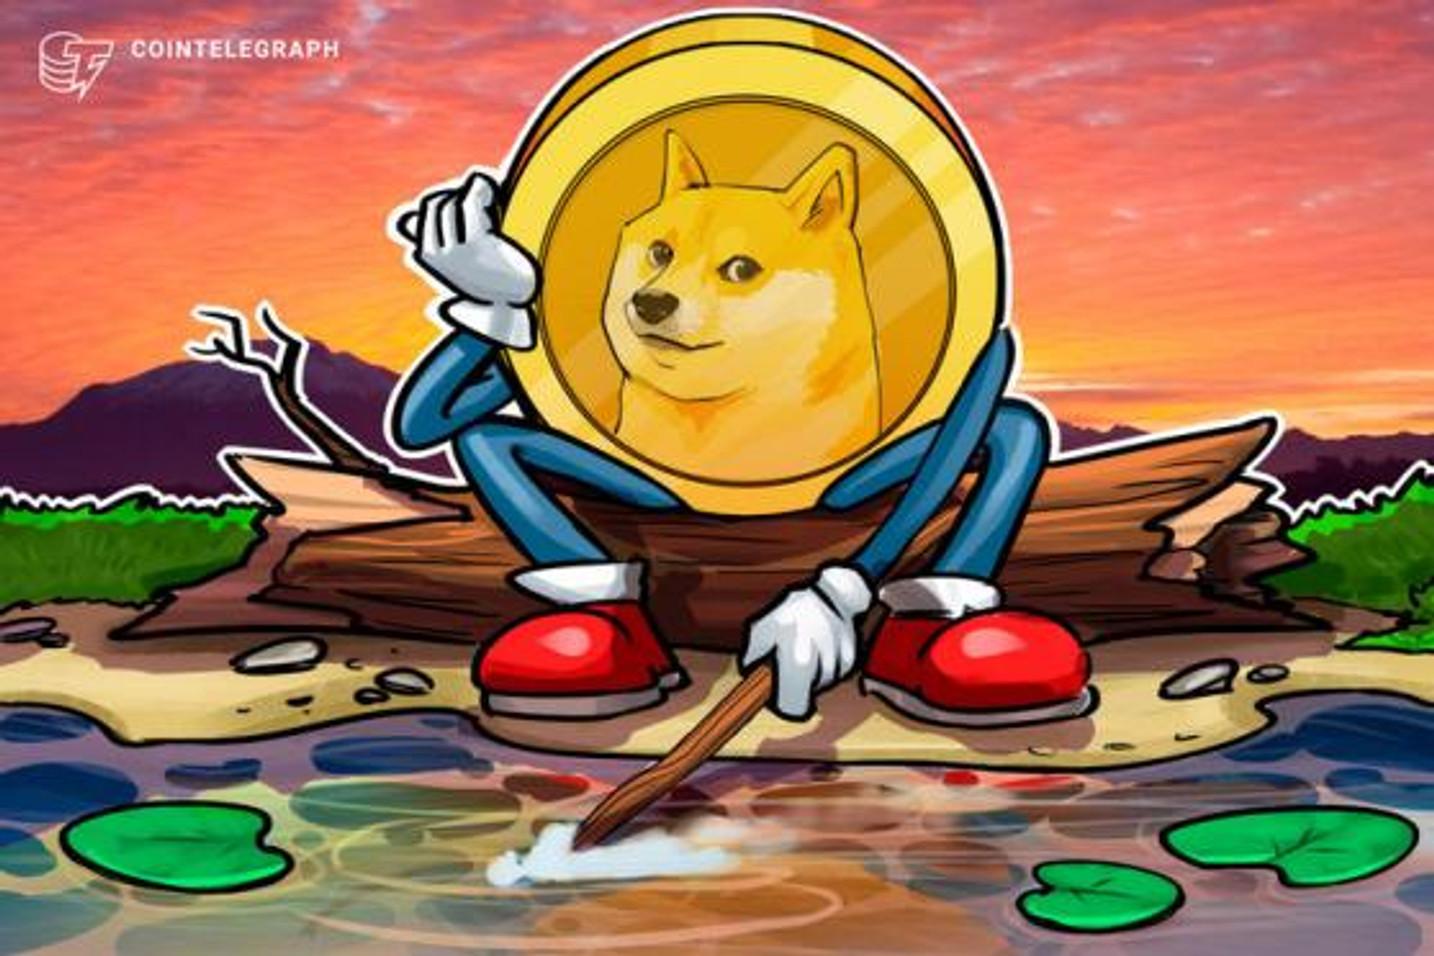 Preço da Dogecoin está 'por um fio' de cair mais de 35%, destaca analista